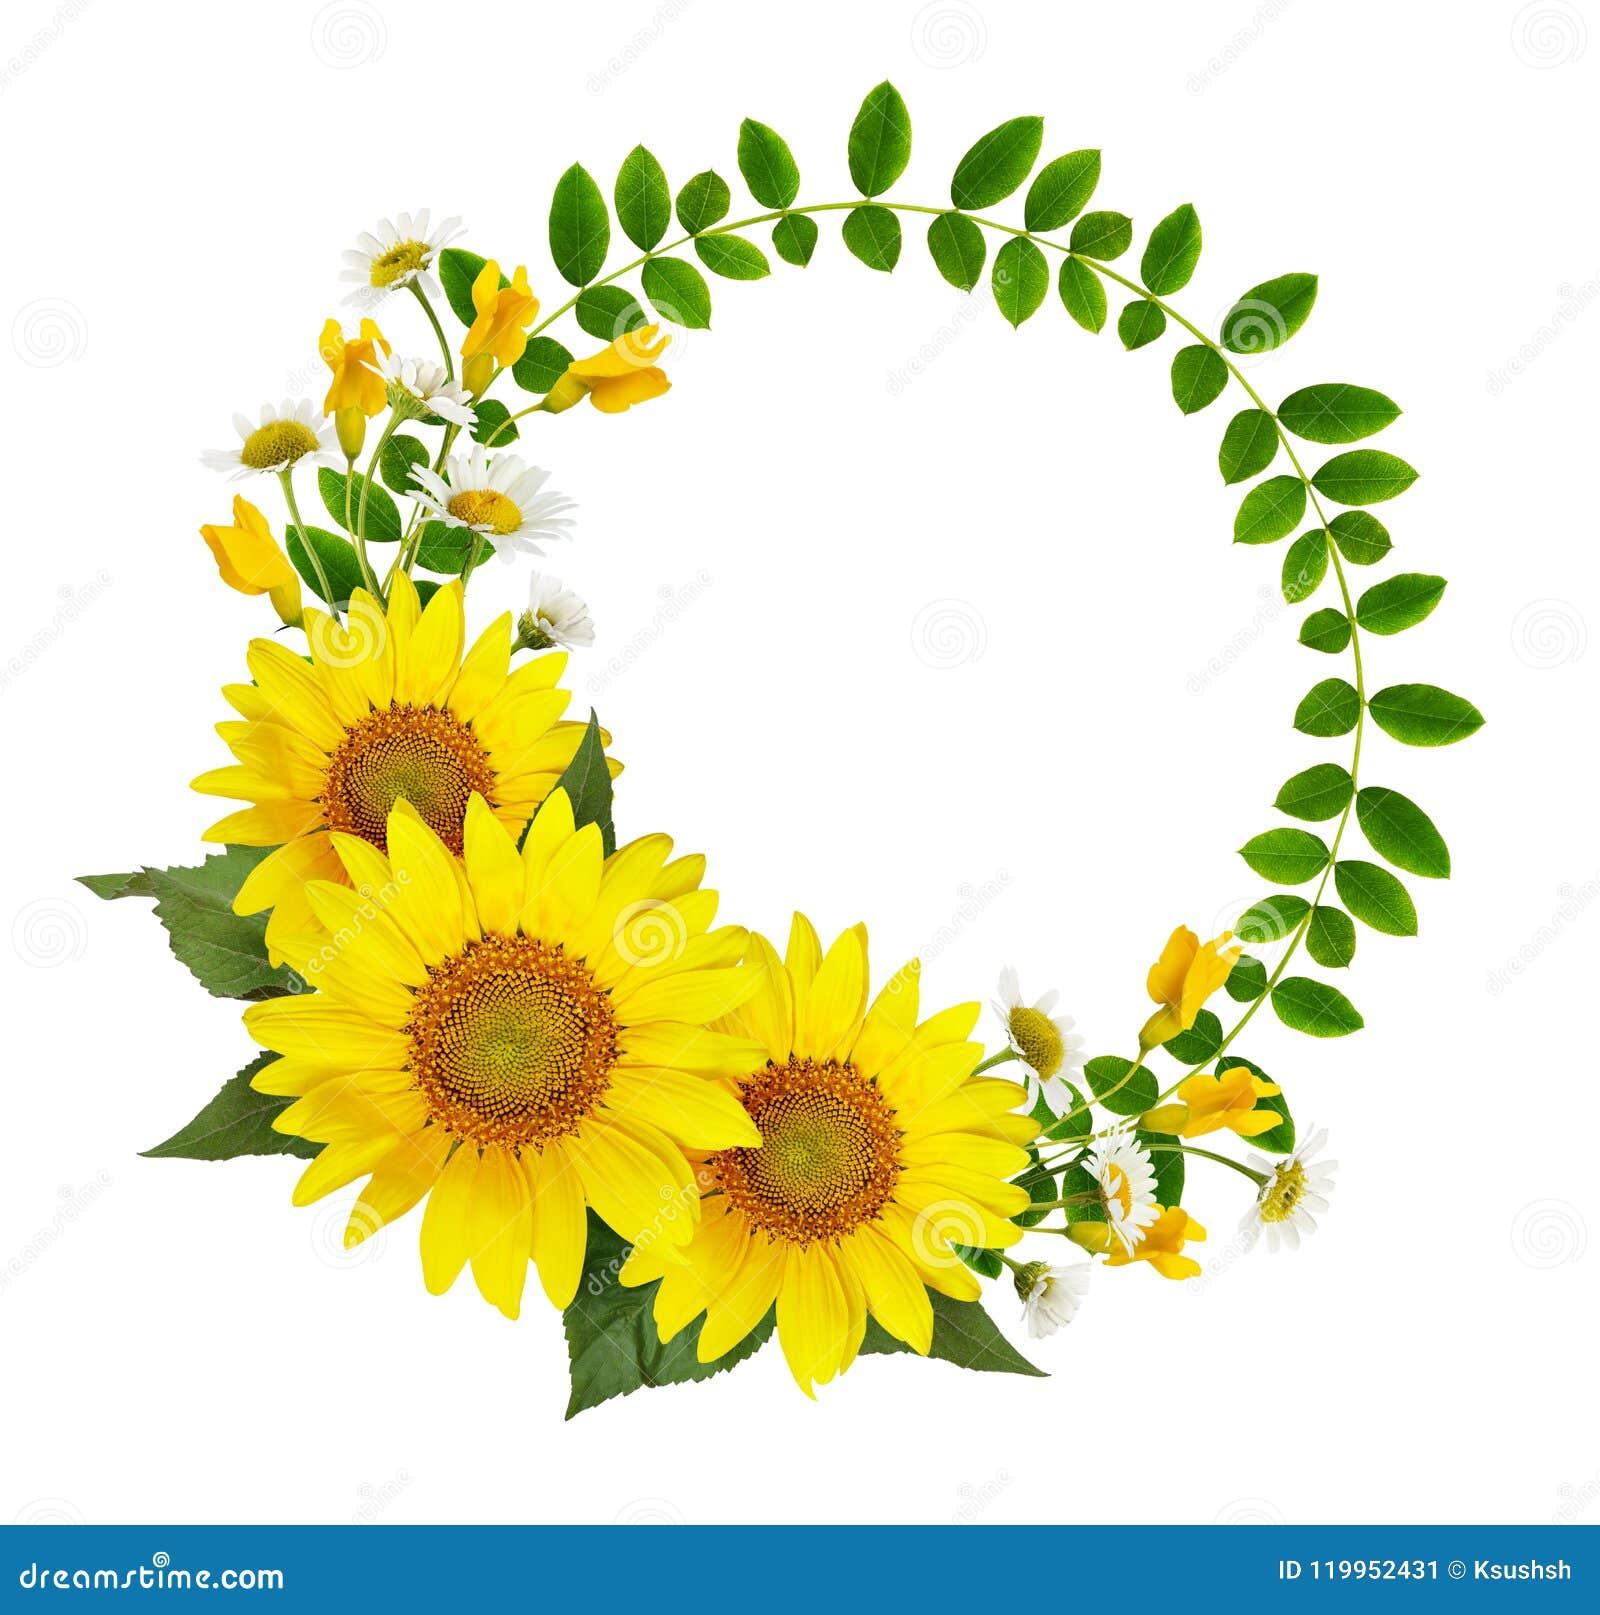 Słoneczniki, stokrotki, akacja kwiaty i zieleń liście w rou,